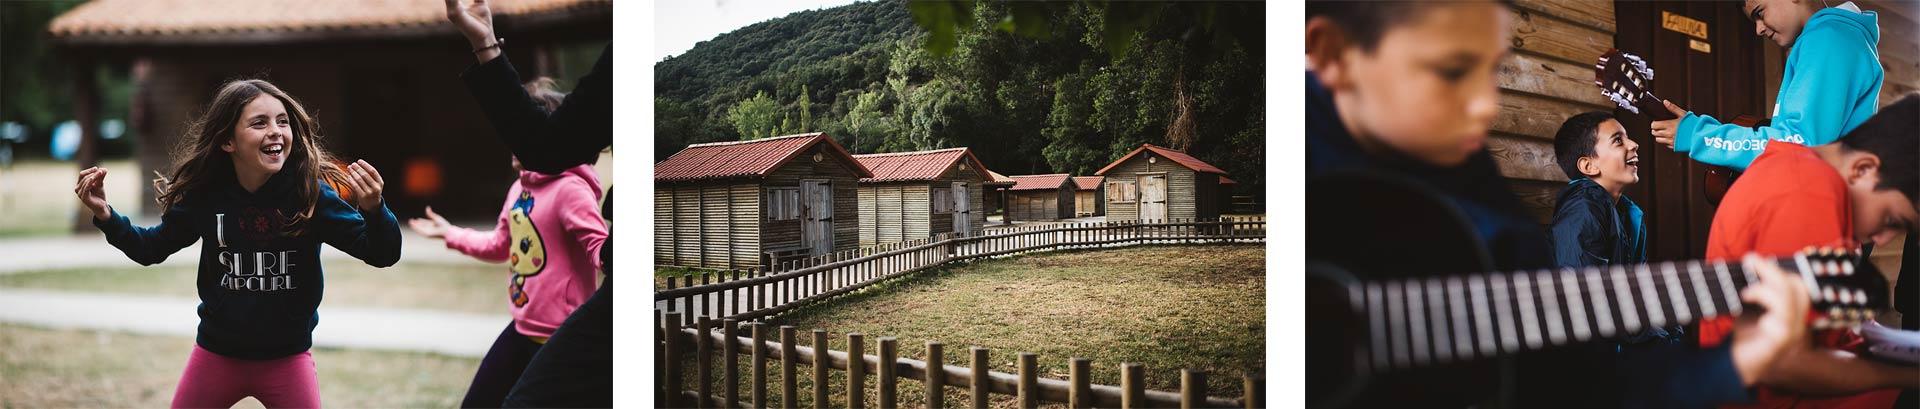 campamento-musica1